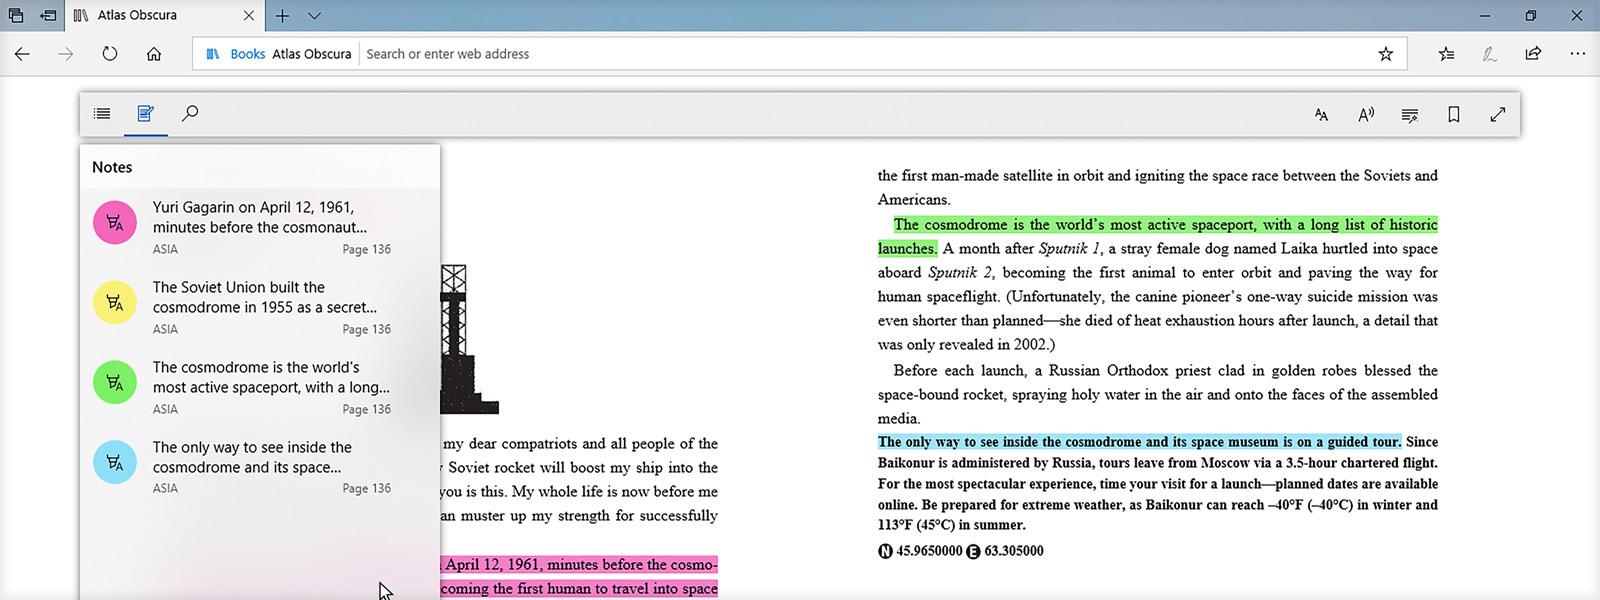 Das Bild zeigt hervorgehobenen Text beim Lesen eines Buchs in MicrosoftEdge